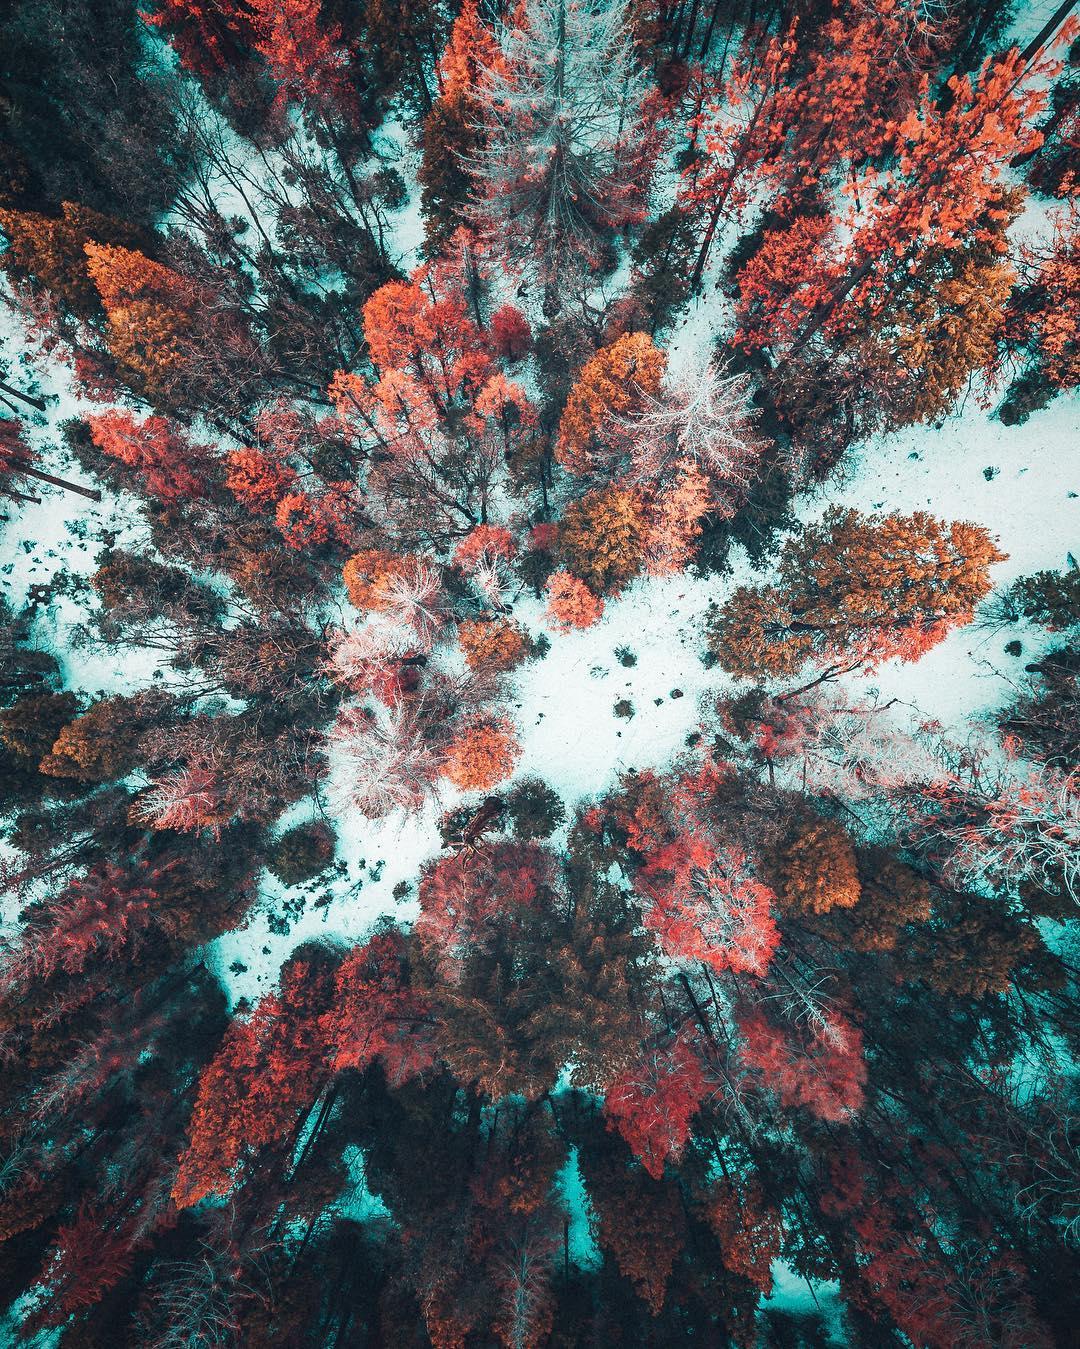 Imagens aéreas de paisagens vibrantes do fotógrafo Niaz Uddin 11